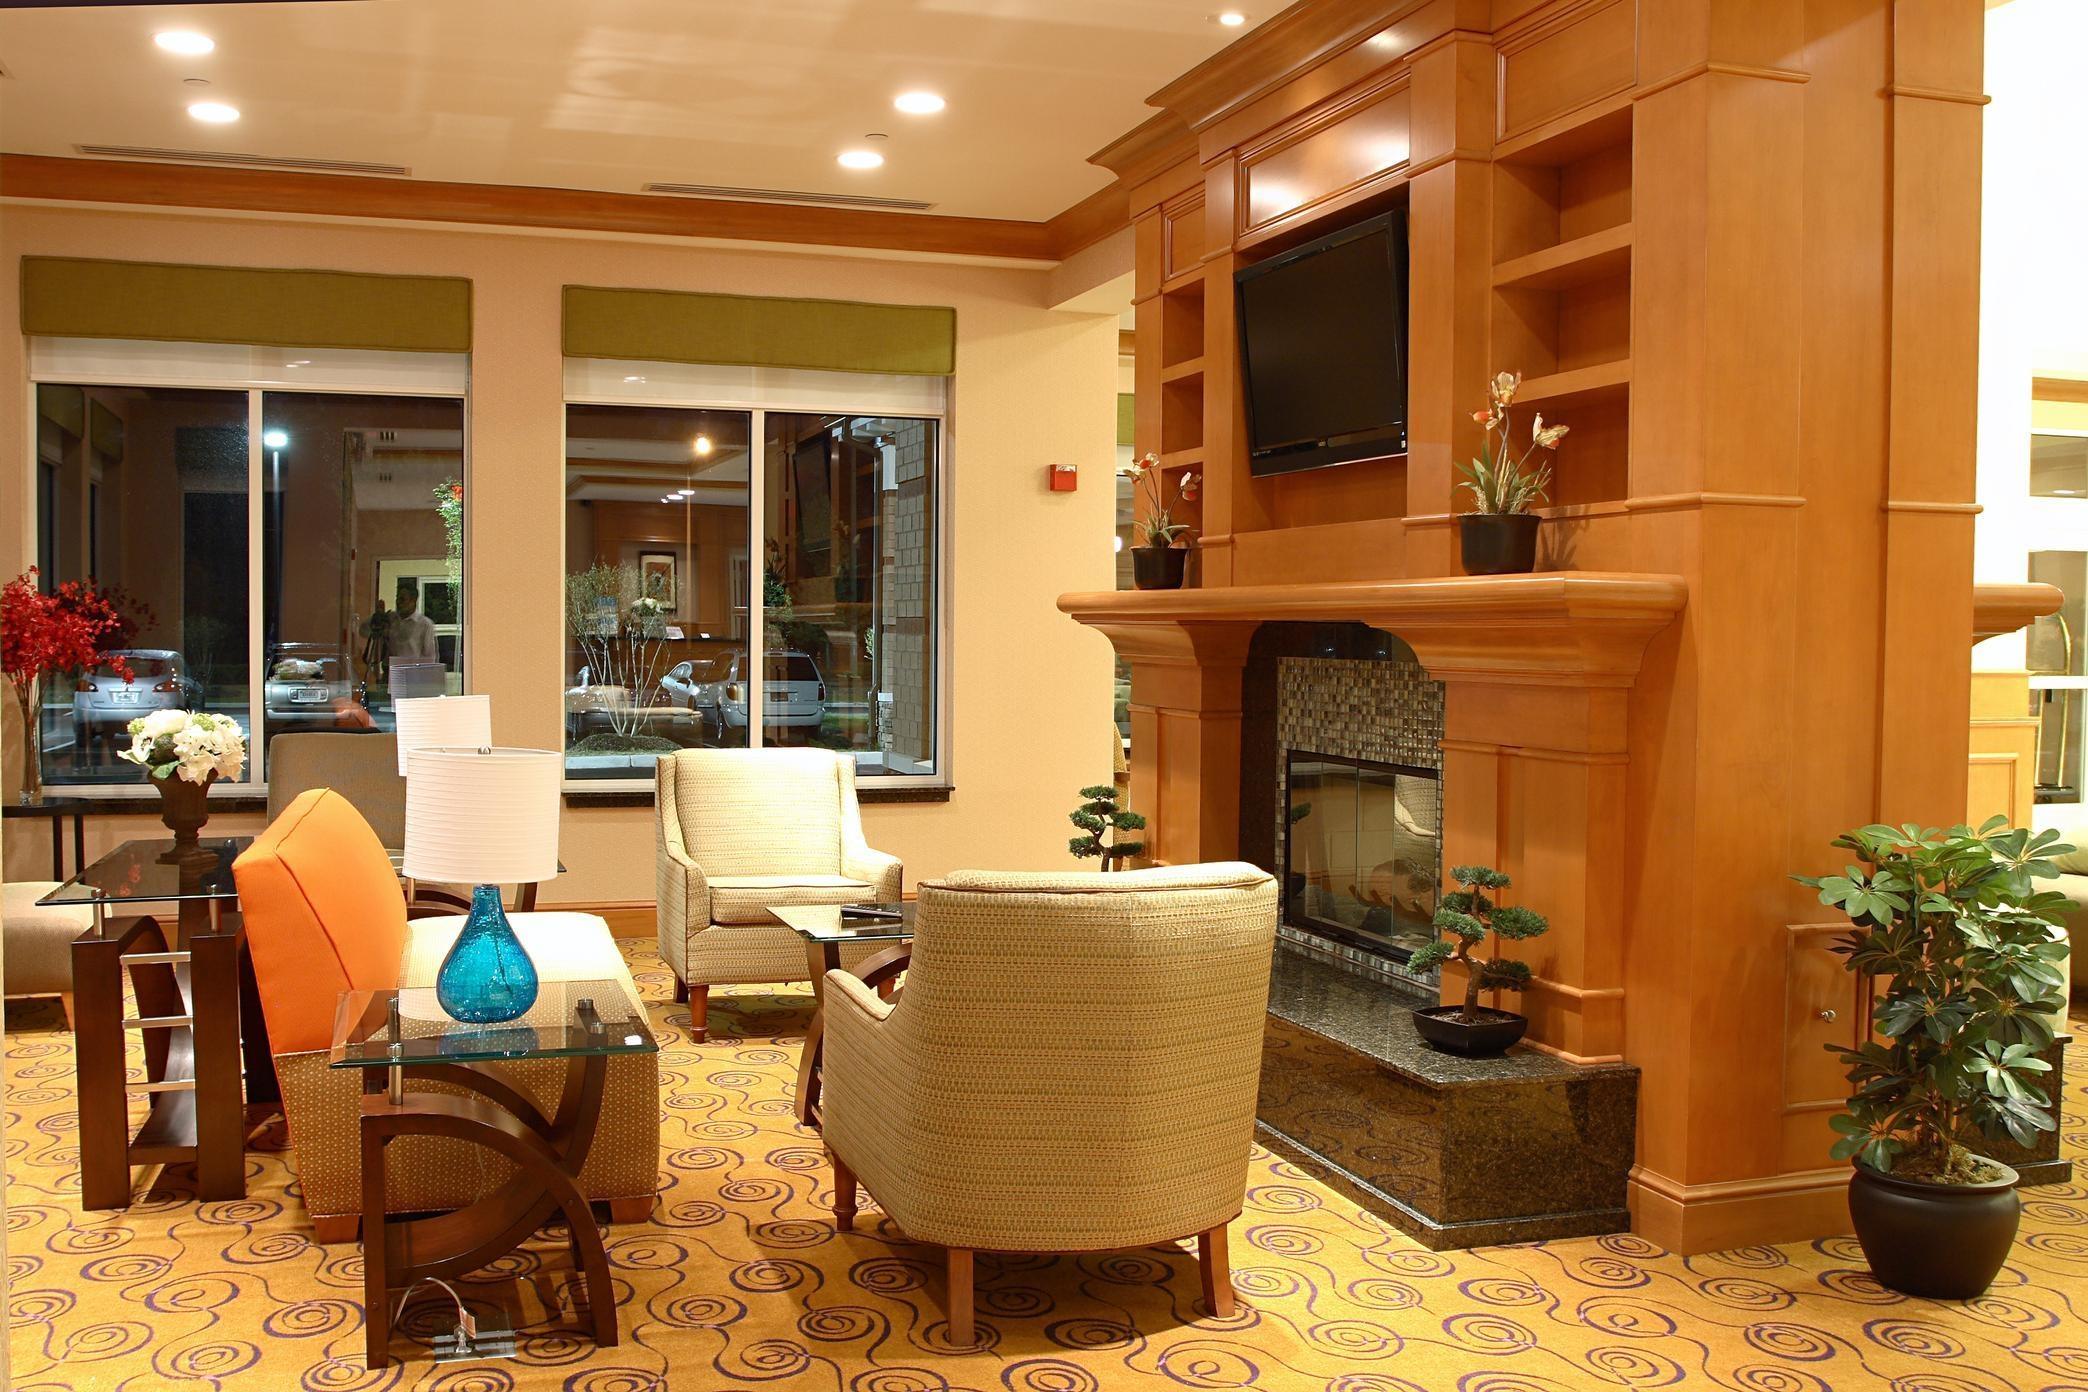 Hilton Garden Inn Chesapeake Suffolk At 5921 Harbour View Blvd Suffolk Va On Fave